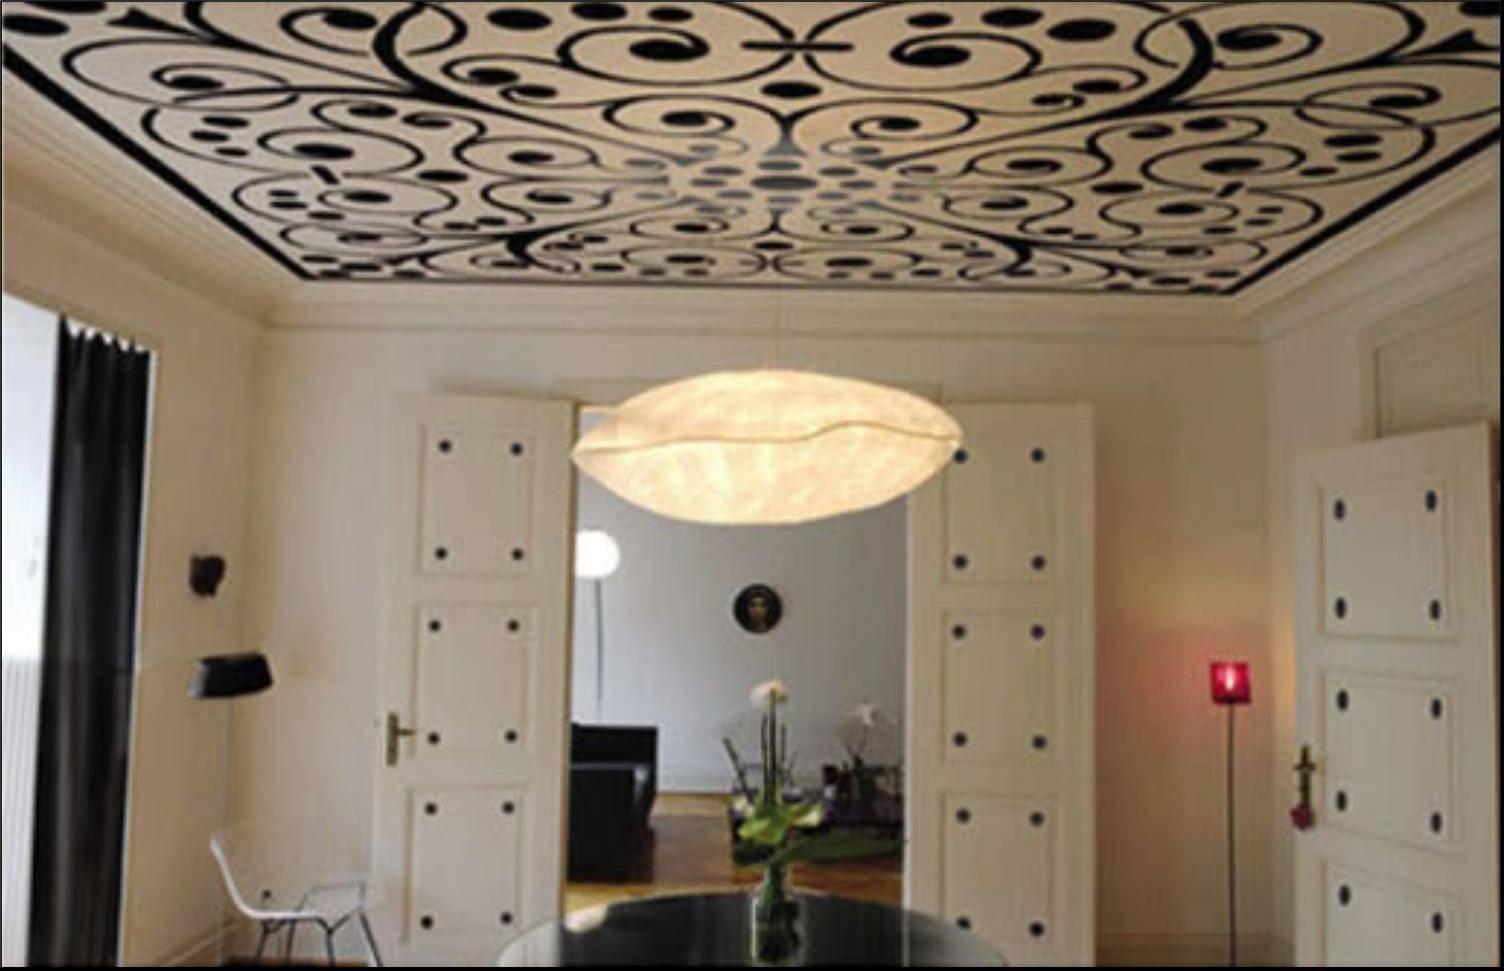 Тканевые натяжные потолки (88 фото): плюсы и минусы изделий из ткани, чем текстильные и ситцевые лучше пвх, отзывы